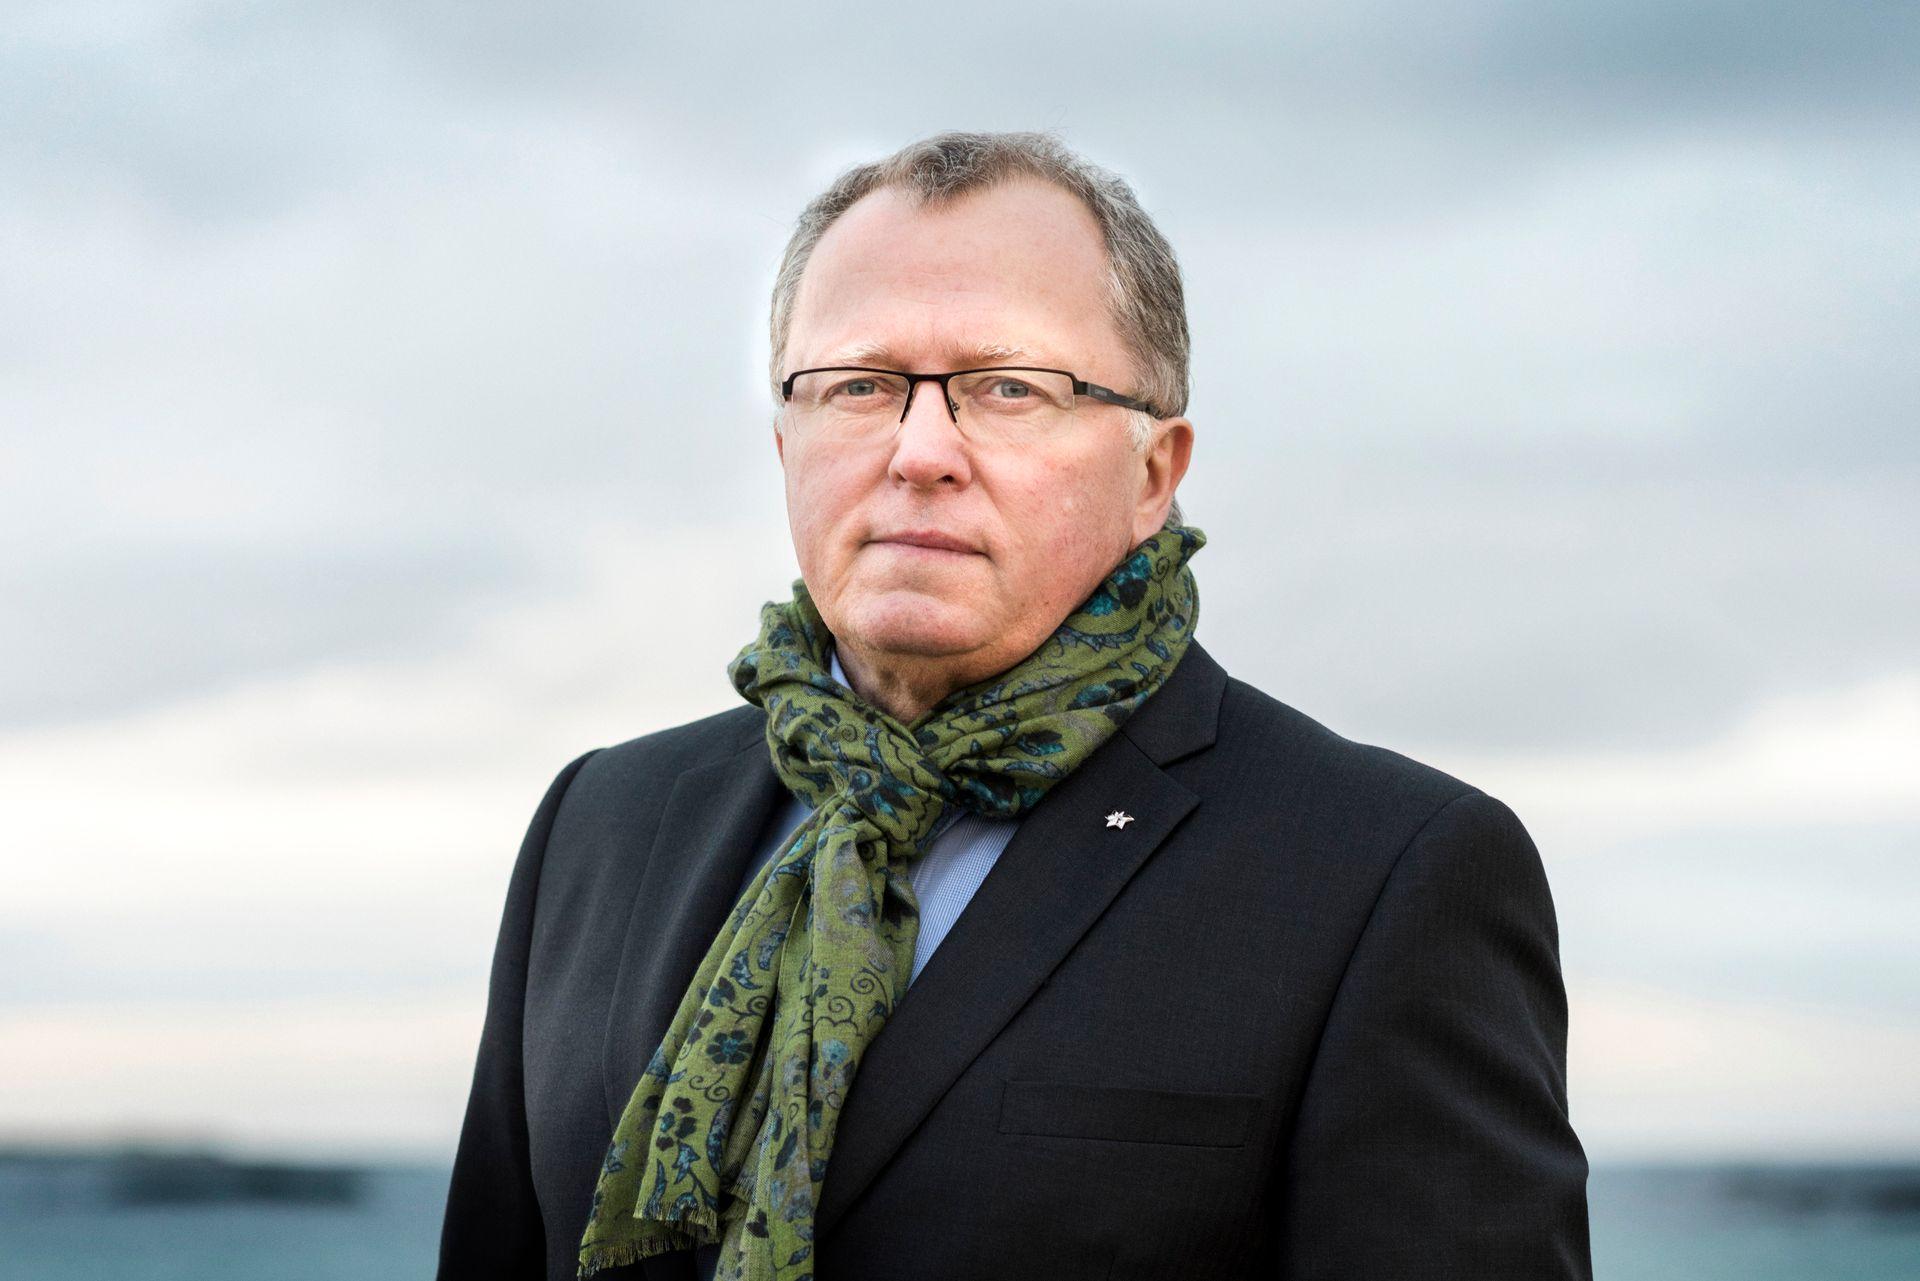 Lavmælt: Eldar Sætre kjenner Statoil inn og ut etter 36 år i selskapet. Som økonom og sunnmøring vet han hvordan det skal spares.